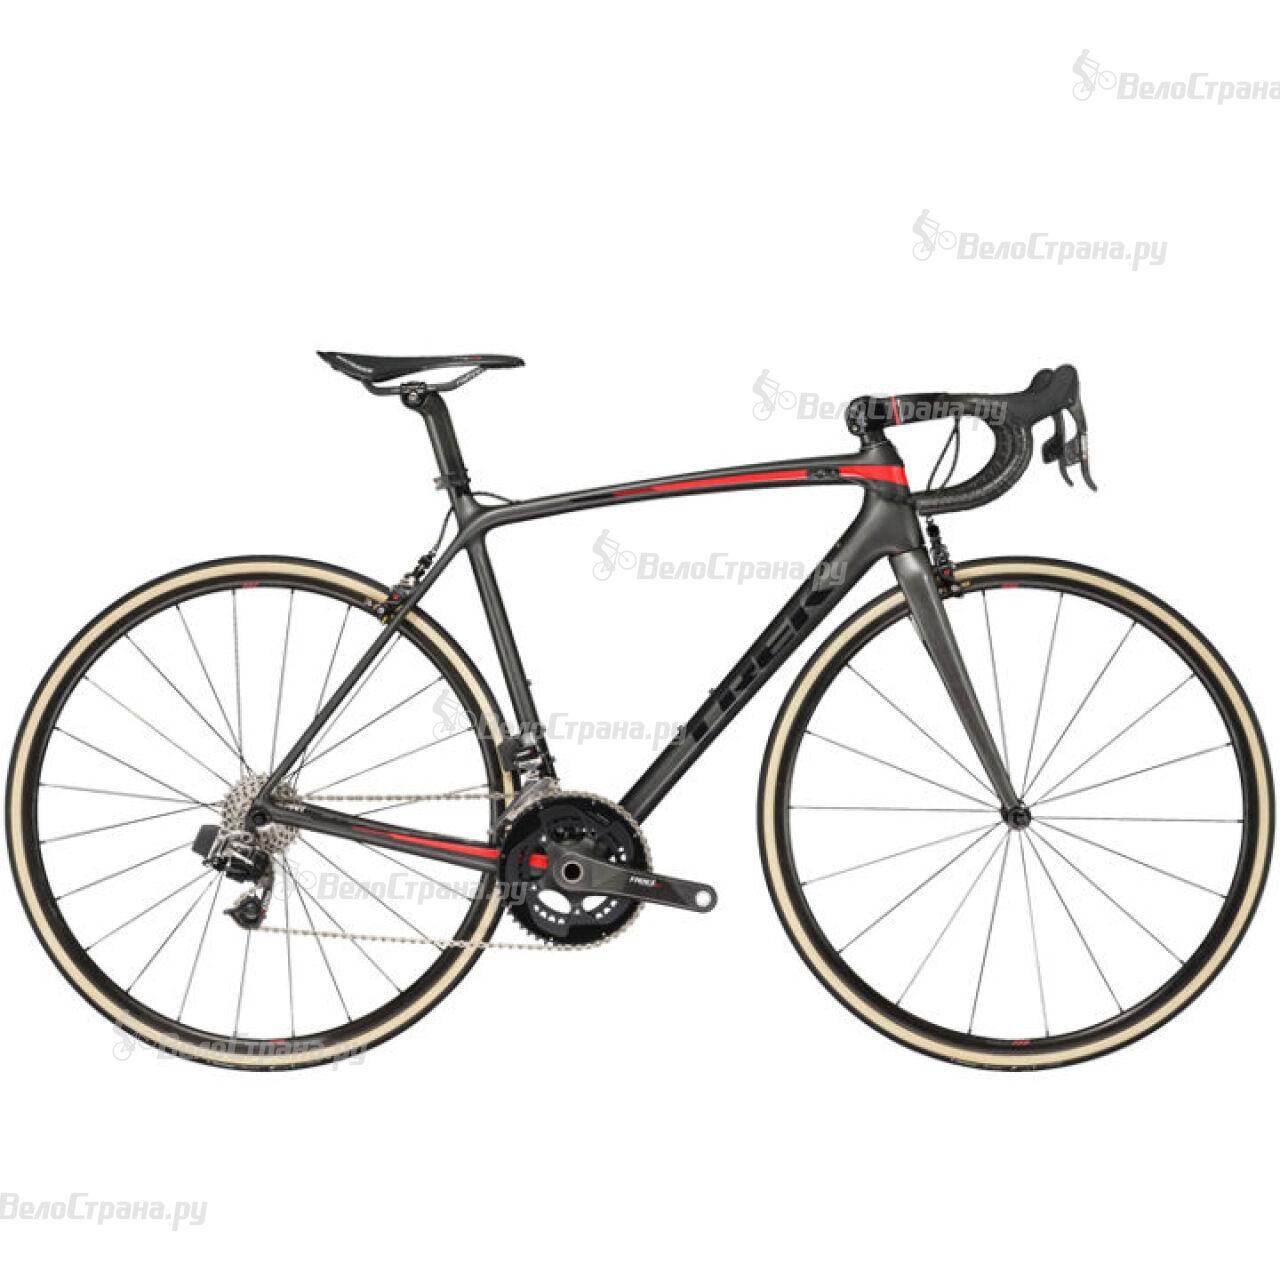 Велосипед Trek Emonda SLR 10 H1 (2017) велосипед trek emonda s 4 2015